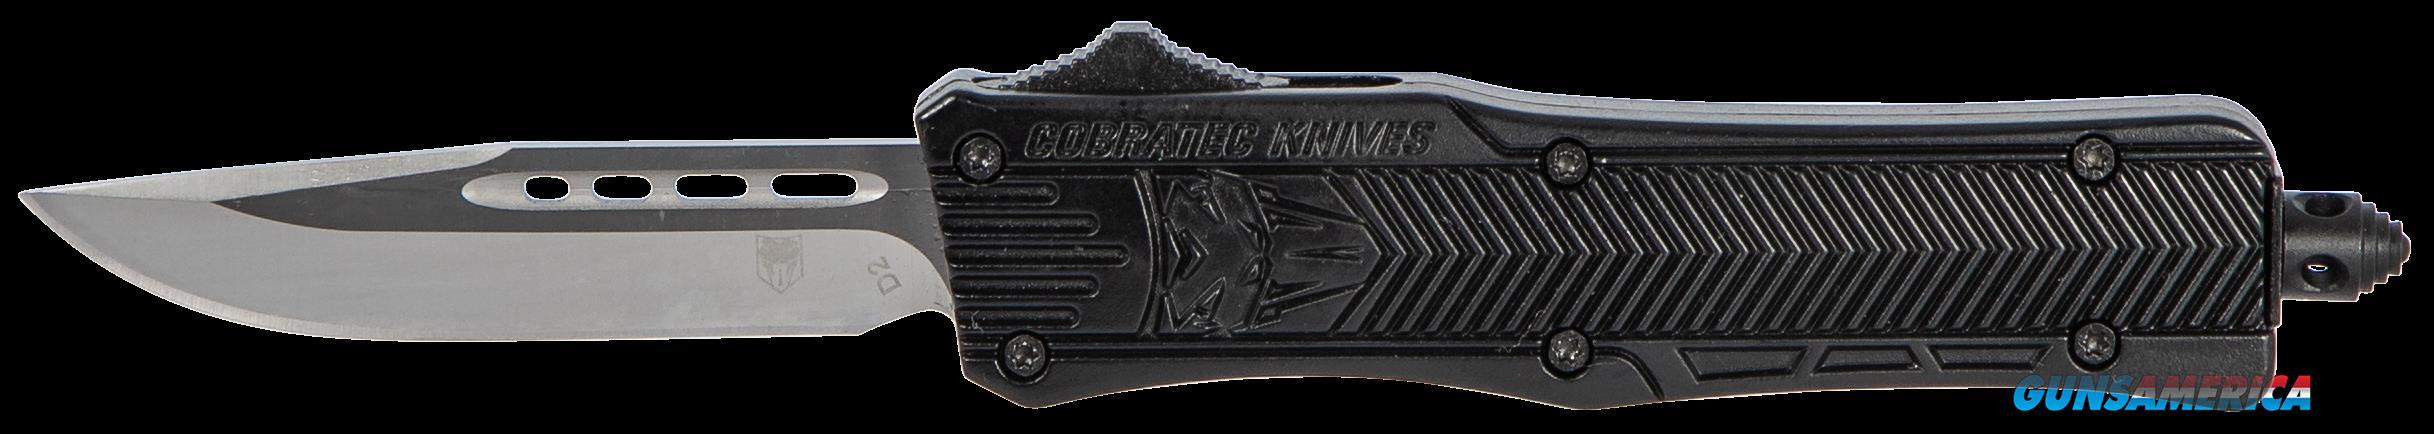 Cobra Tec Knives Llc Ctk-1, Cobra Sbctk1sdns     Sml Ctk1 Drop Black  Guns > Pistols > 1911 Pistol Copies (non-Colt)